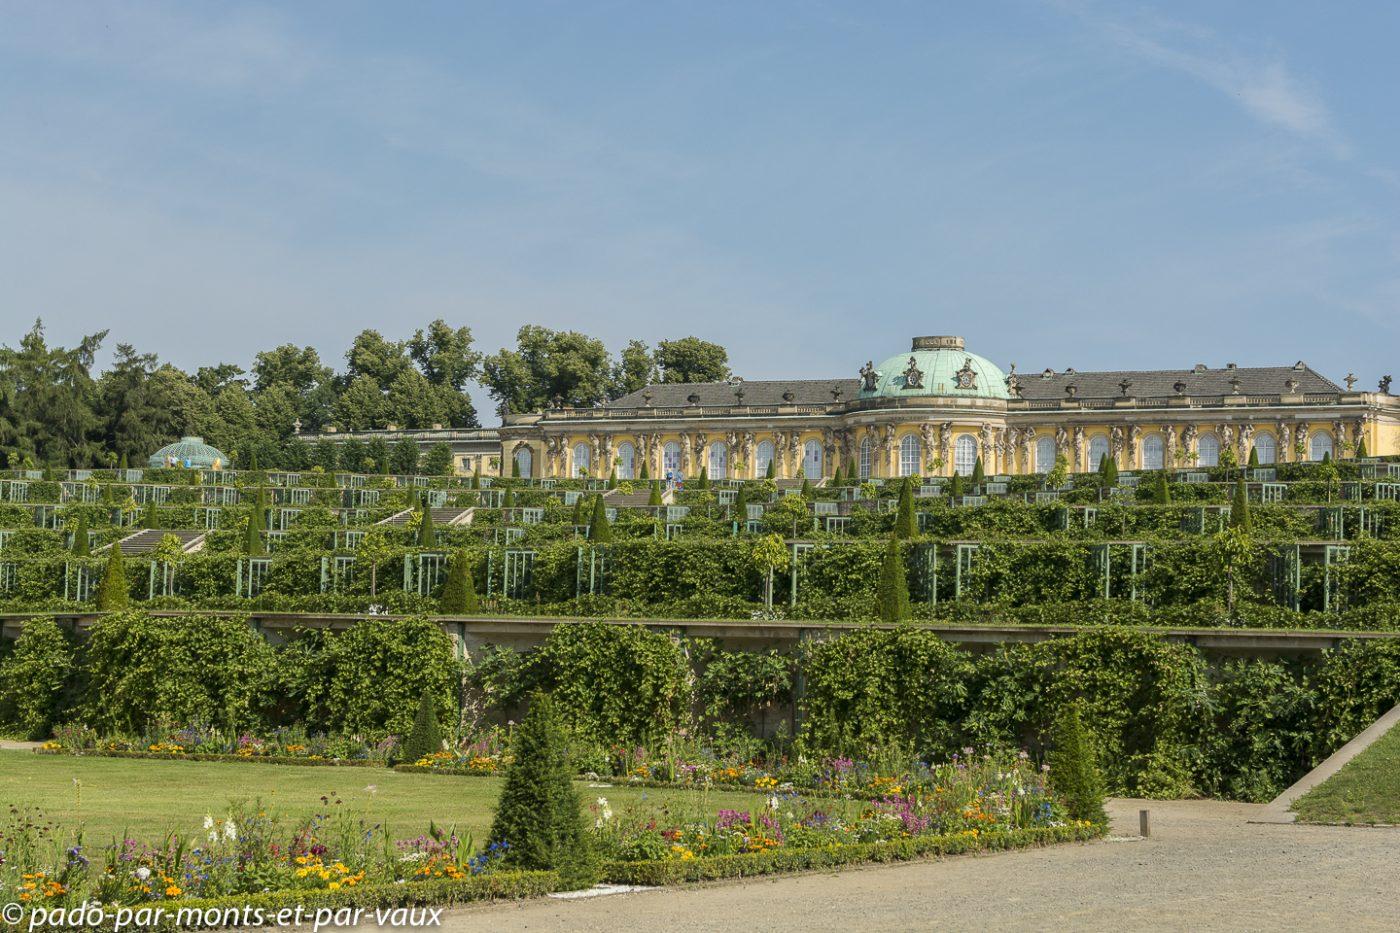 Postdam - Parc royal de Sanssouci